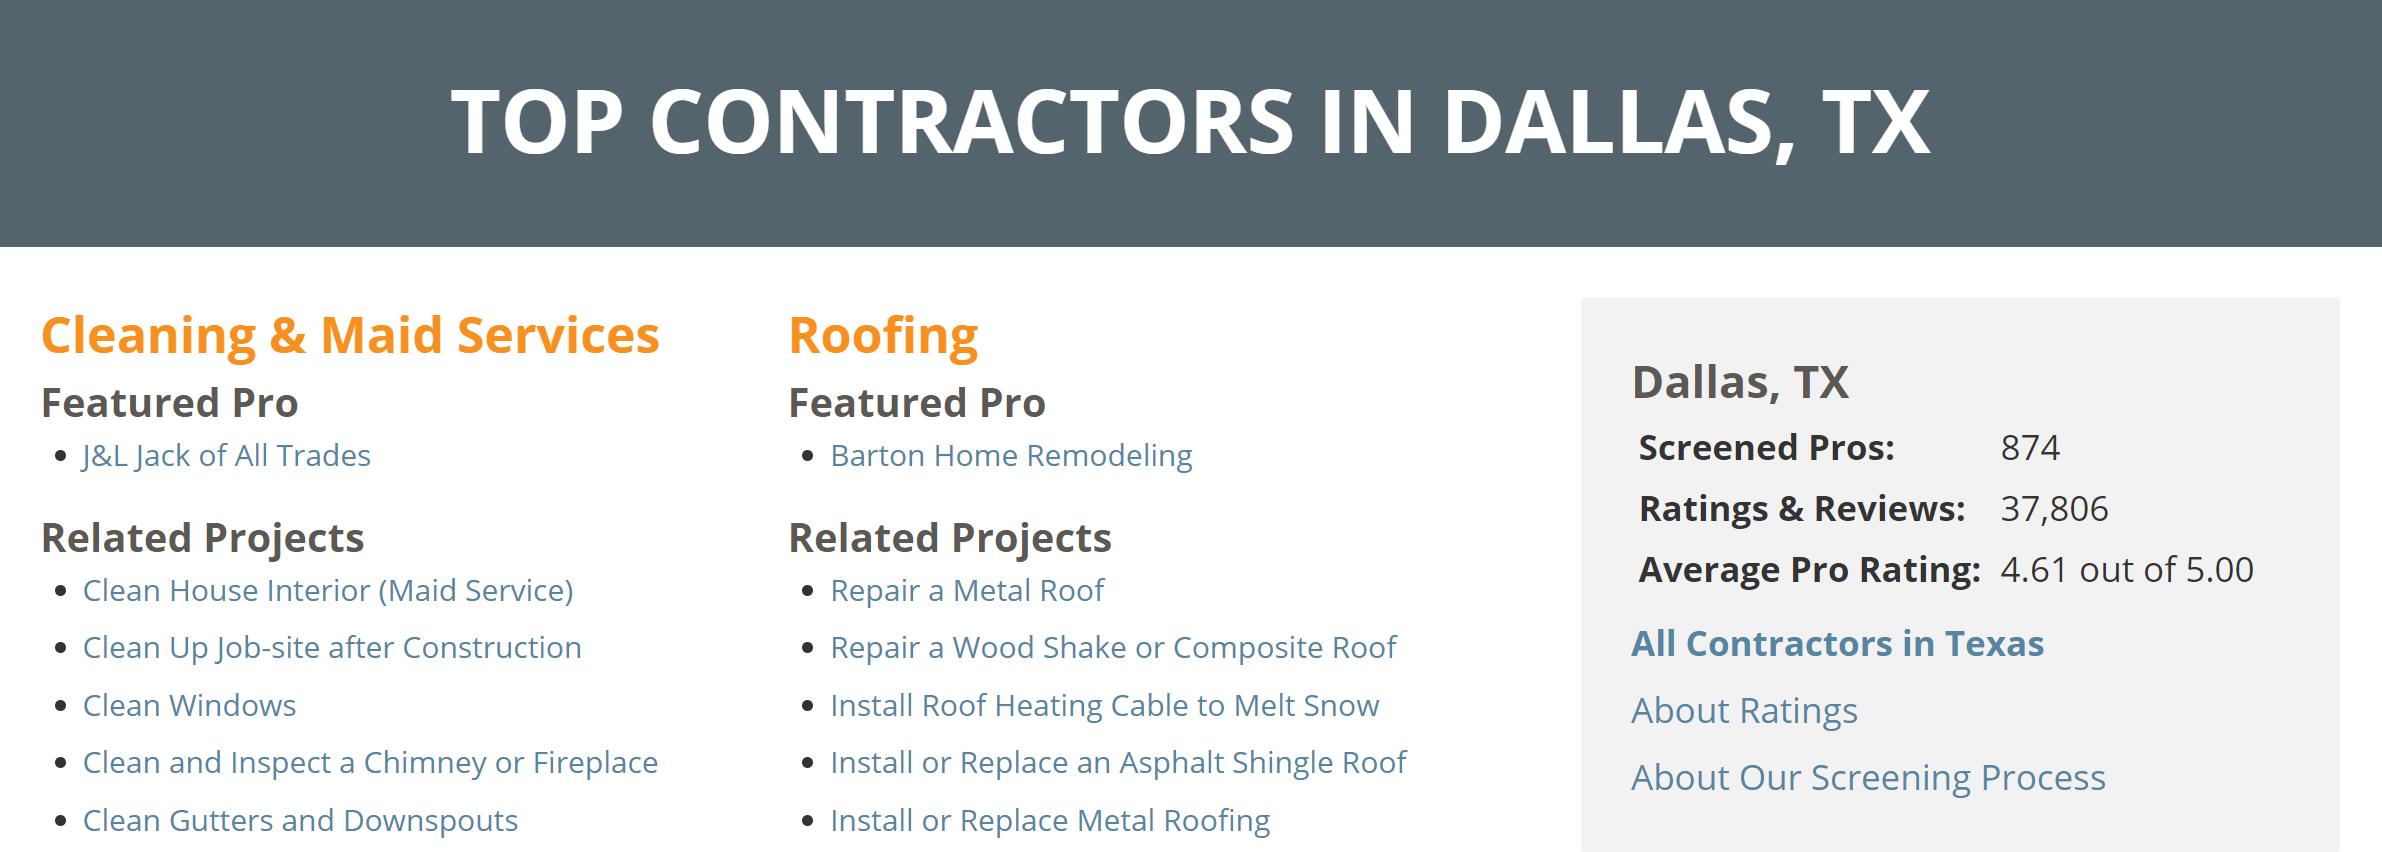 top contractors in dallas tx